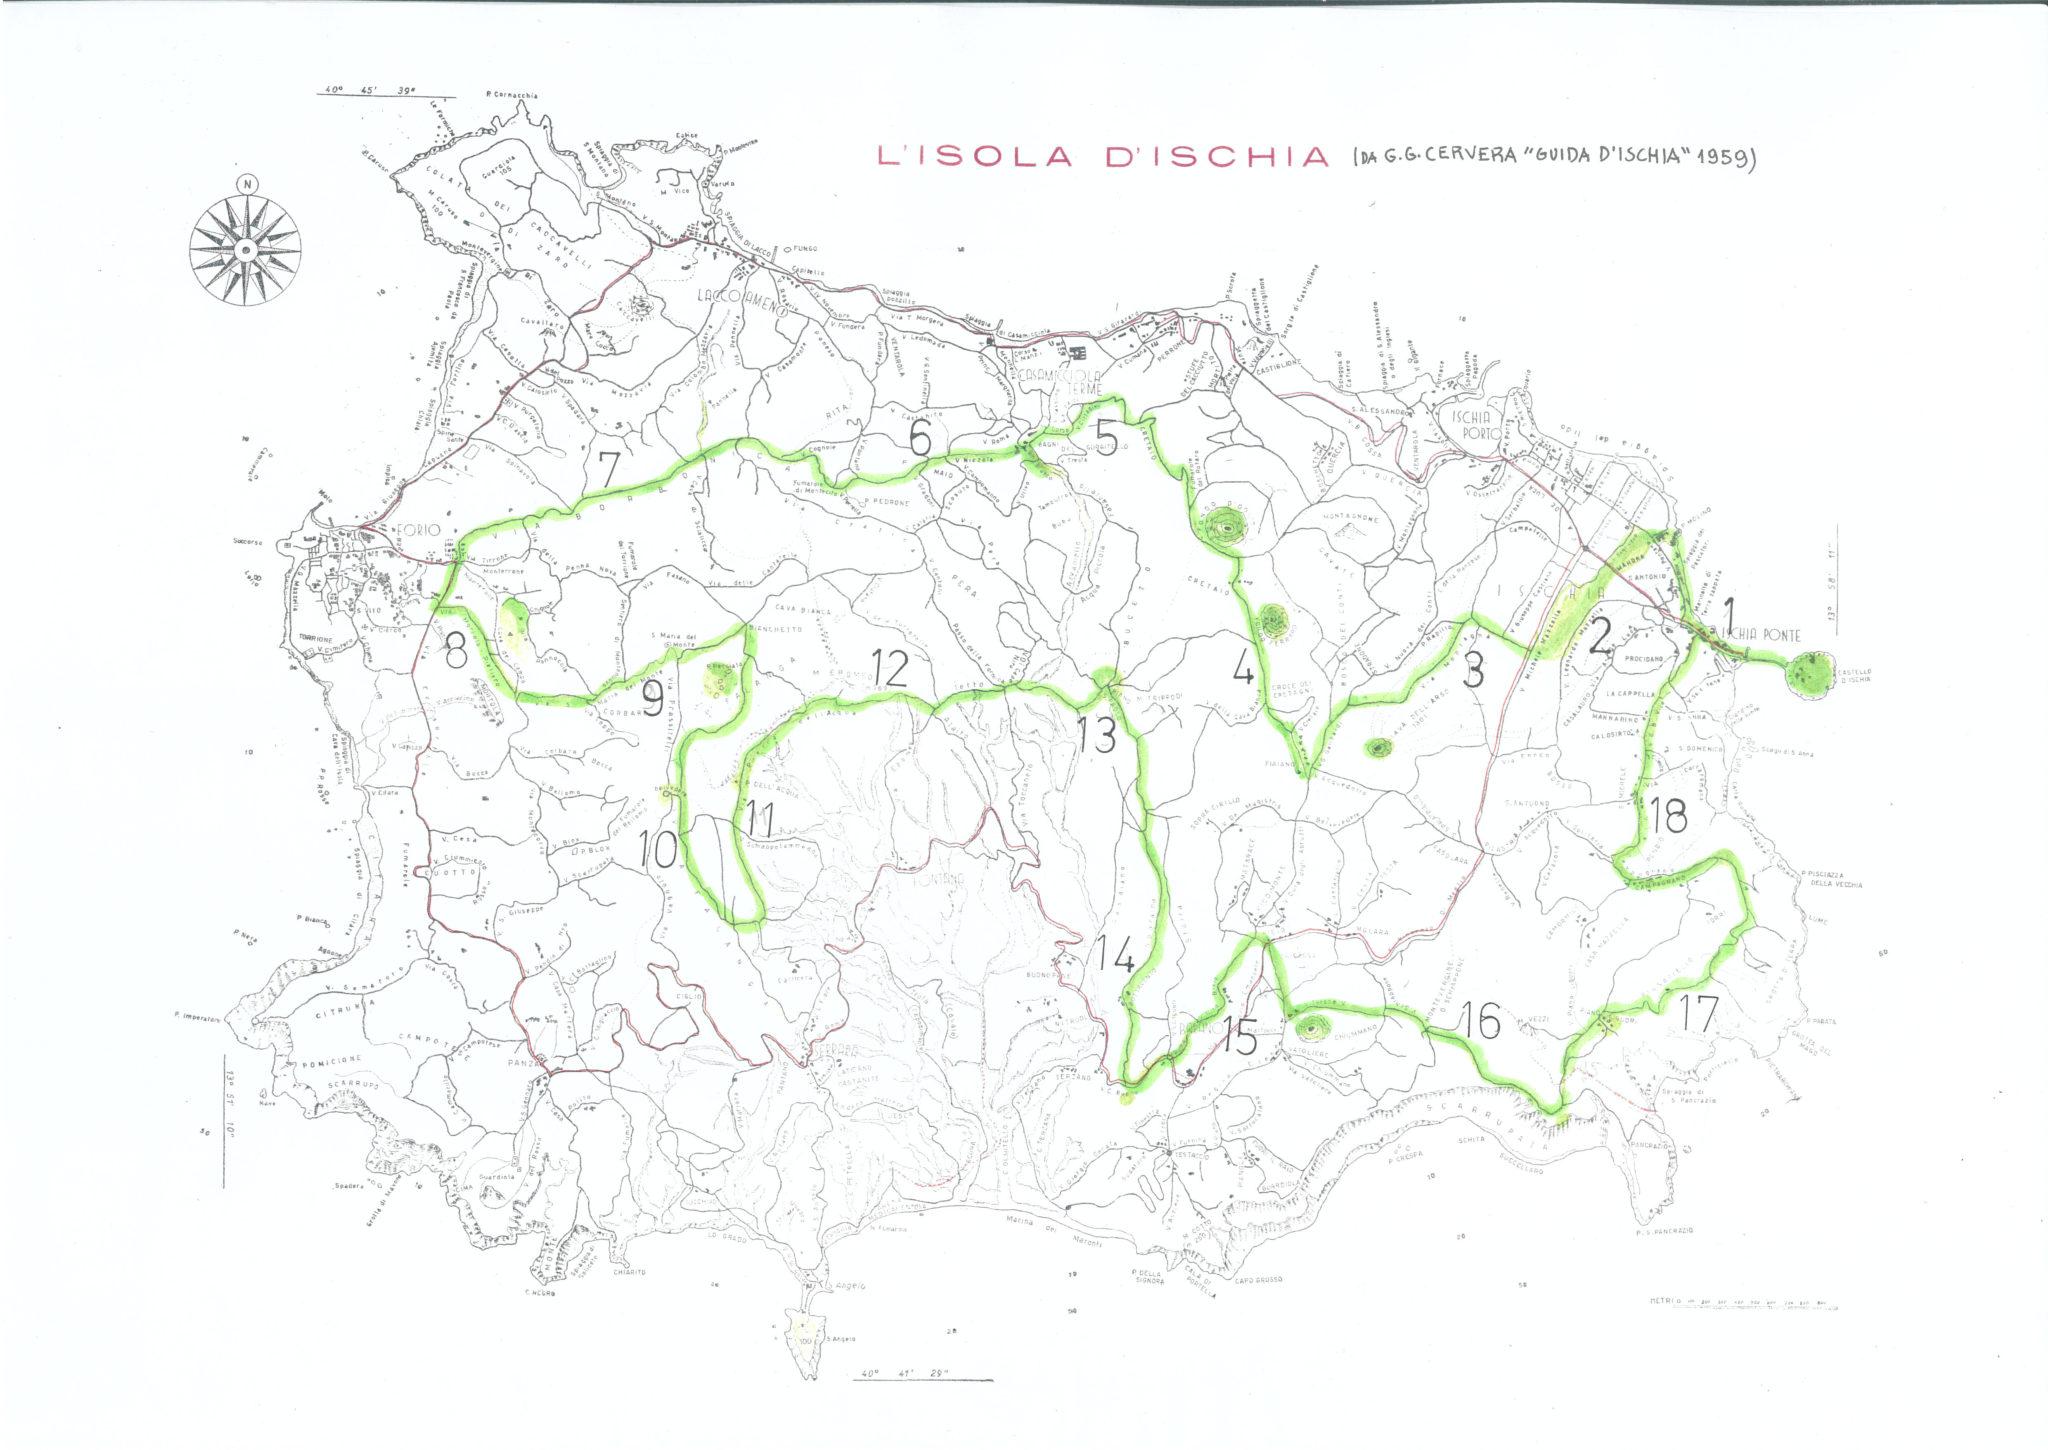 Mappa d'Ischia 1959